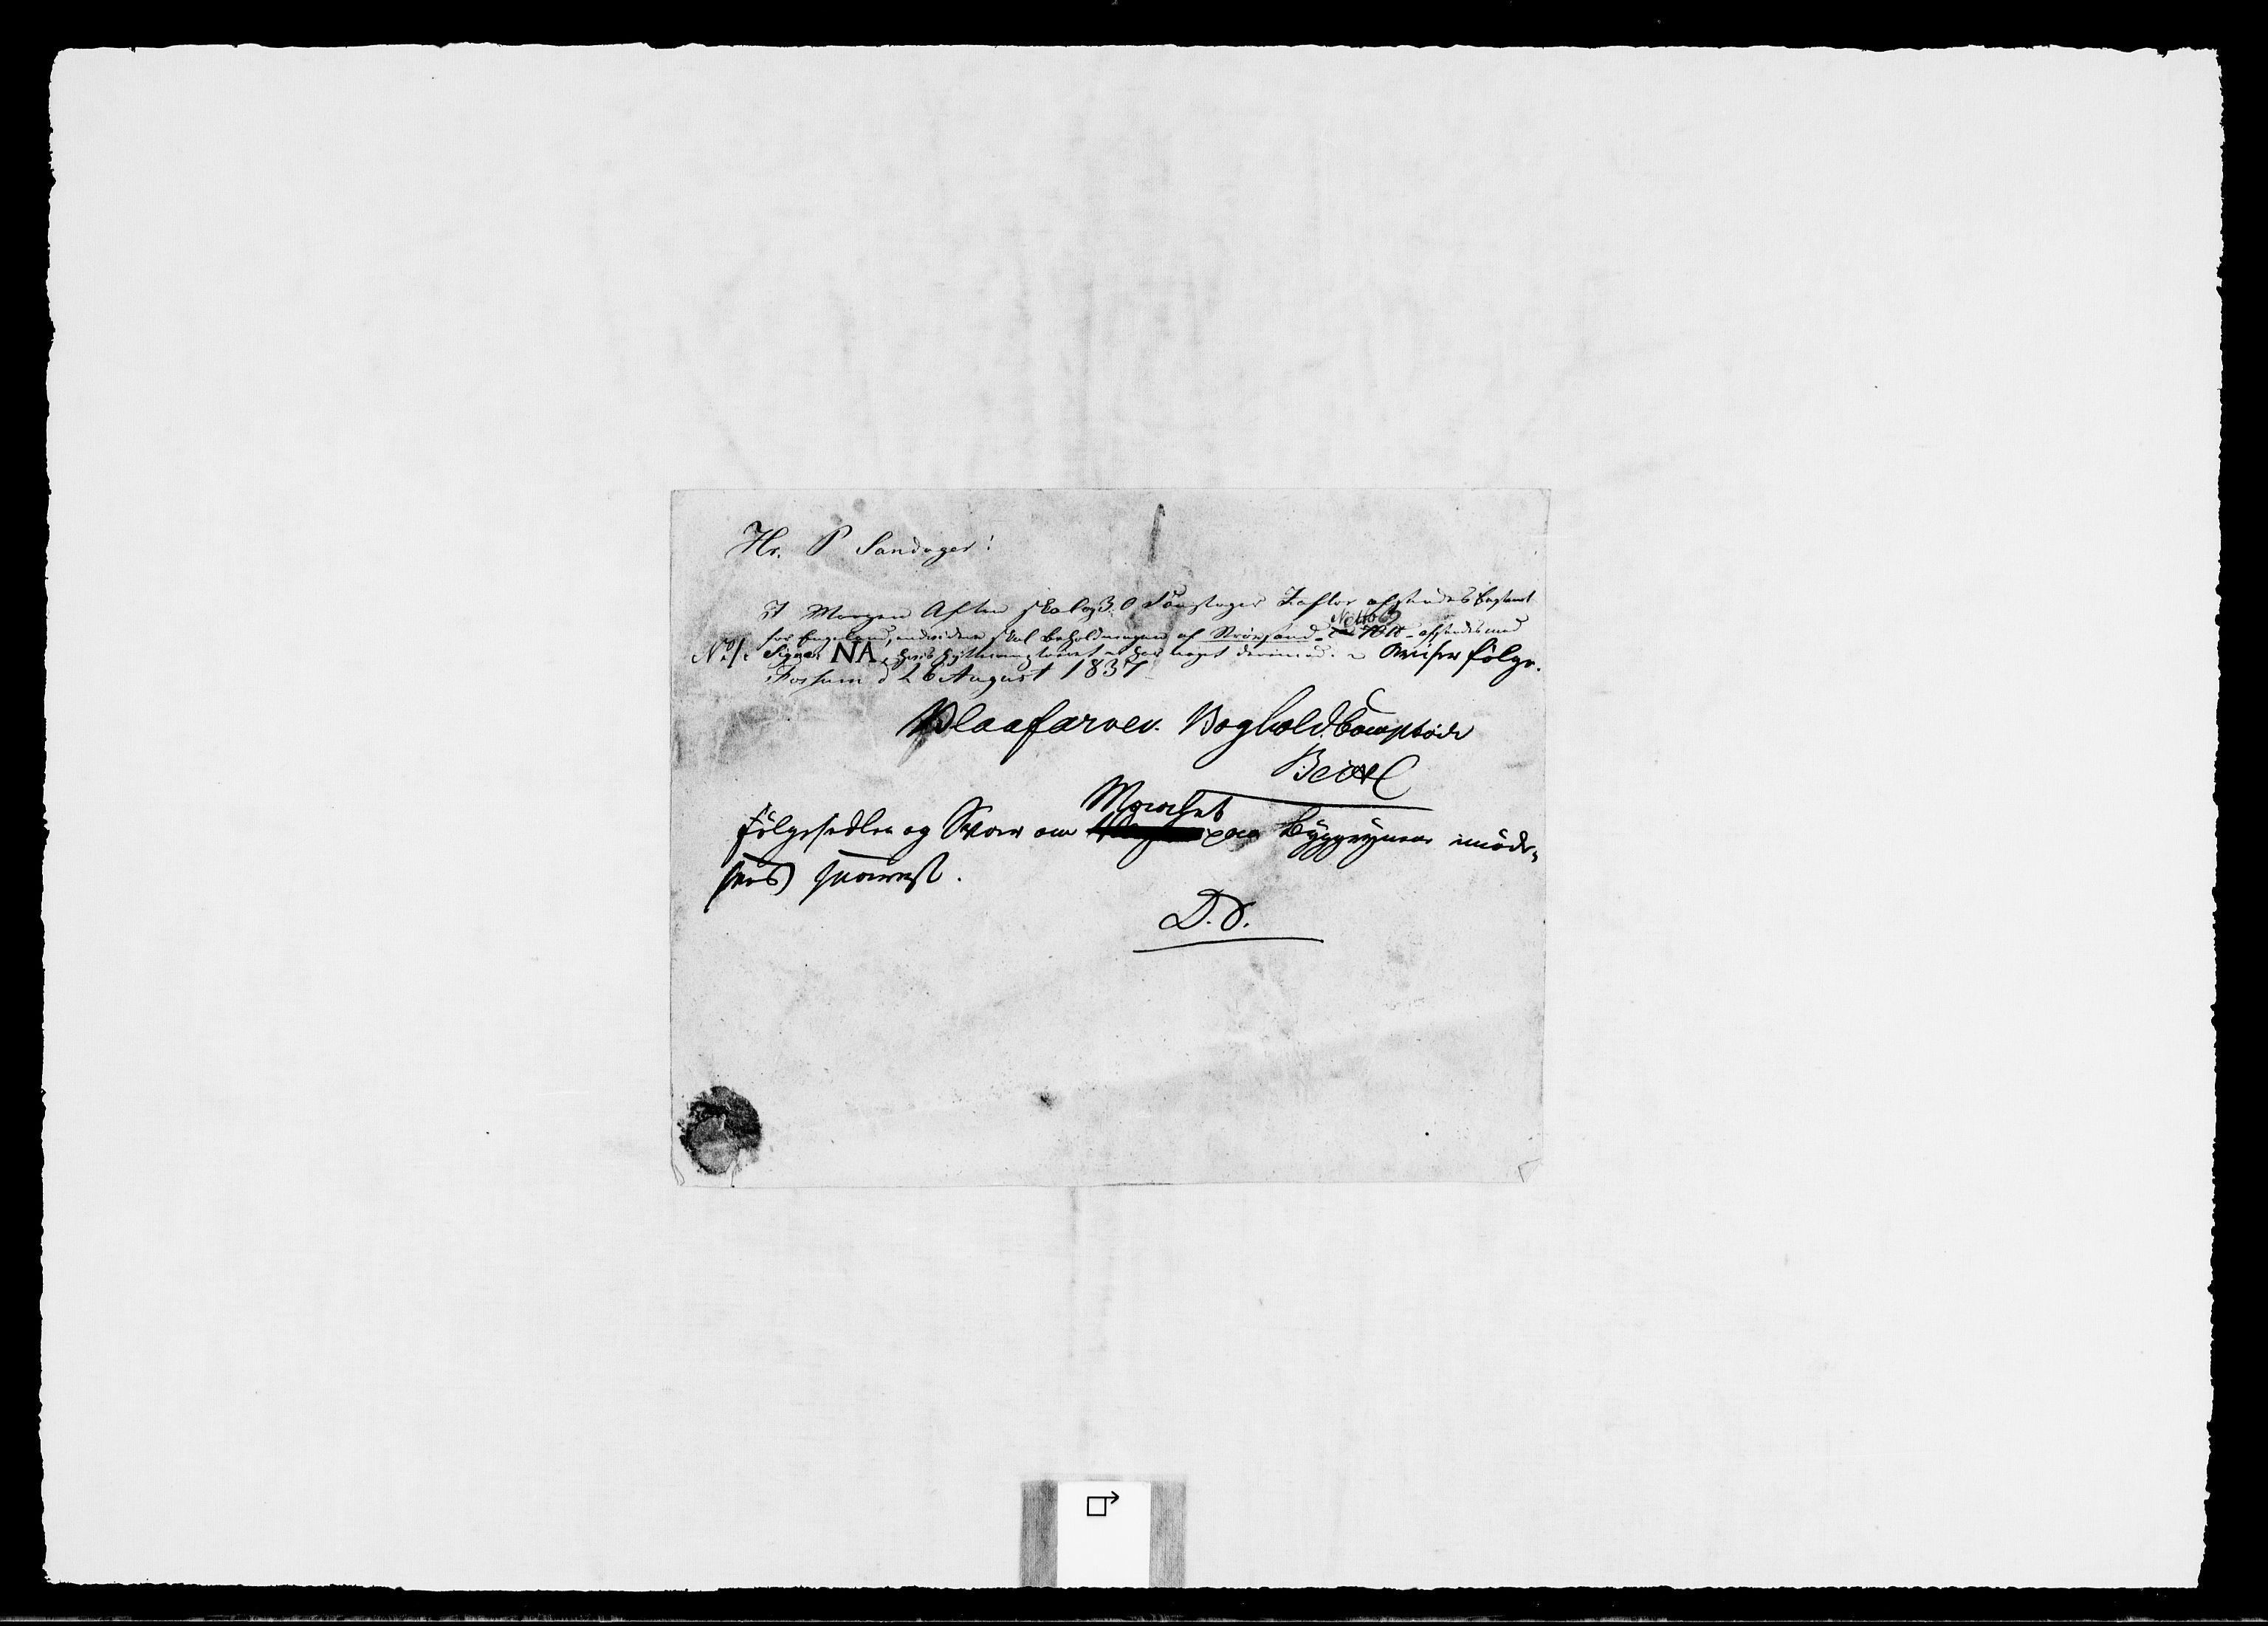 RA, Modums Blaafarveværk, G/Gb/L0141, 1836-1839, s. 3